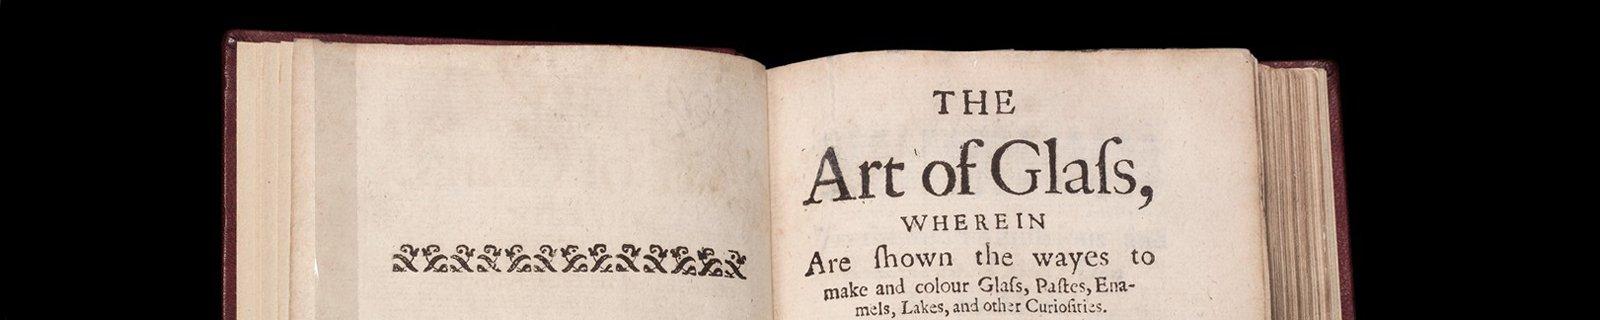 L'arte vetraria distinta in libri sette (The art of glass [divided] into seven books) Antonio Neri (Italian, 1576–1614) Florence, Nella Stamperia de'Giunti, 1612 CMGL 78964 (1000059052)